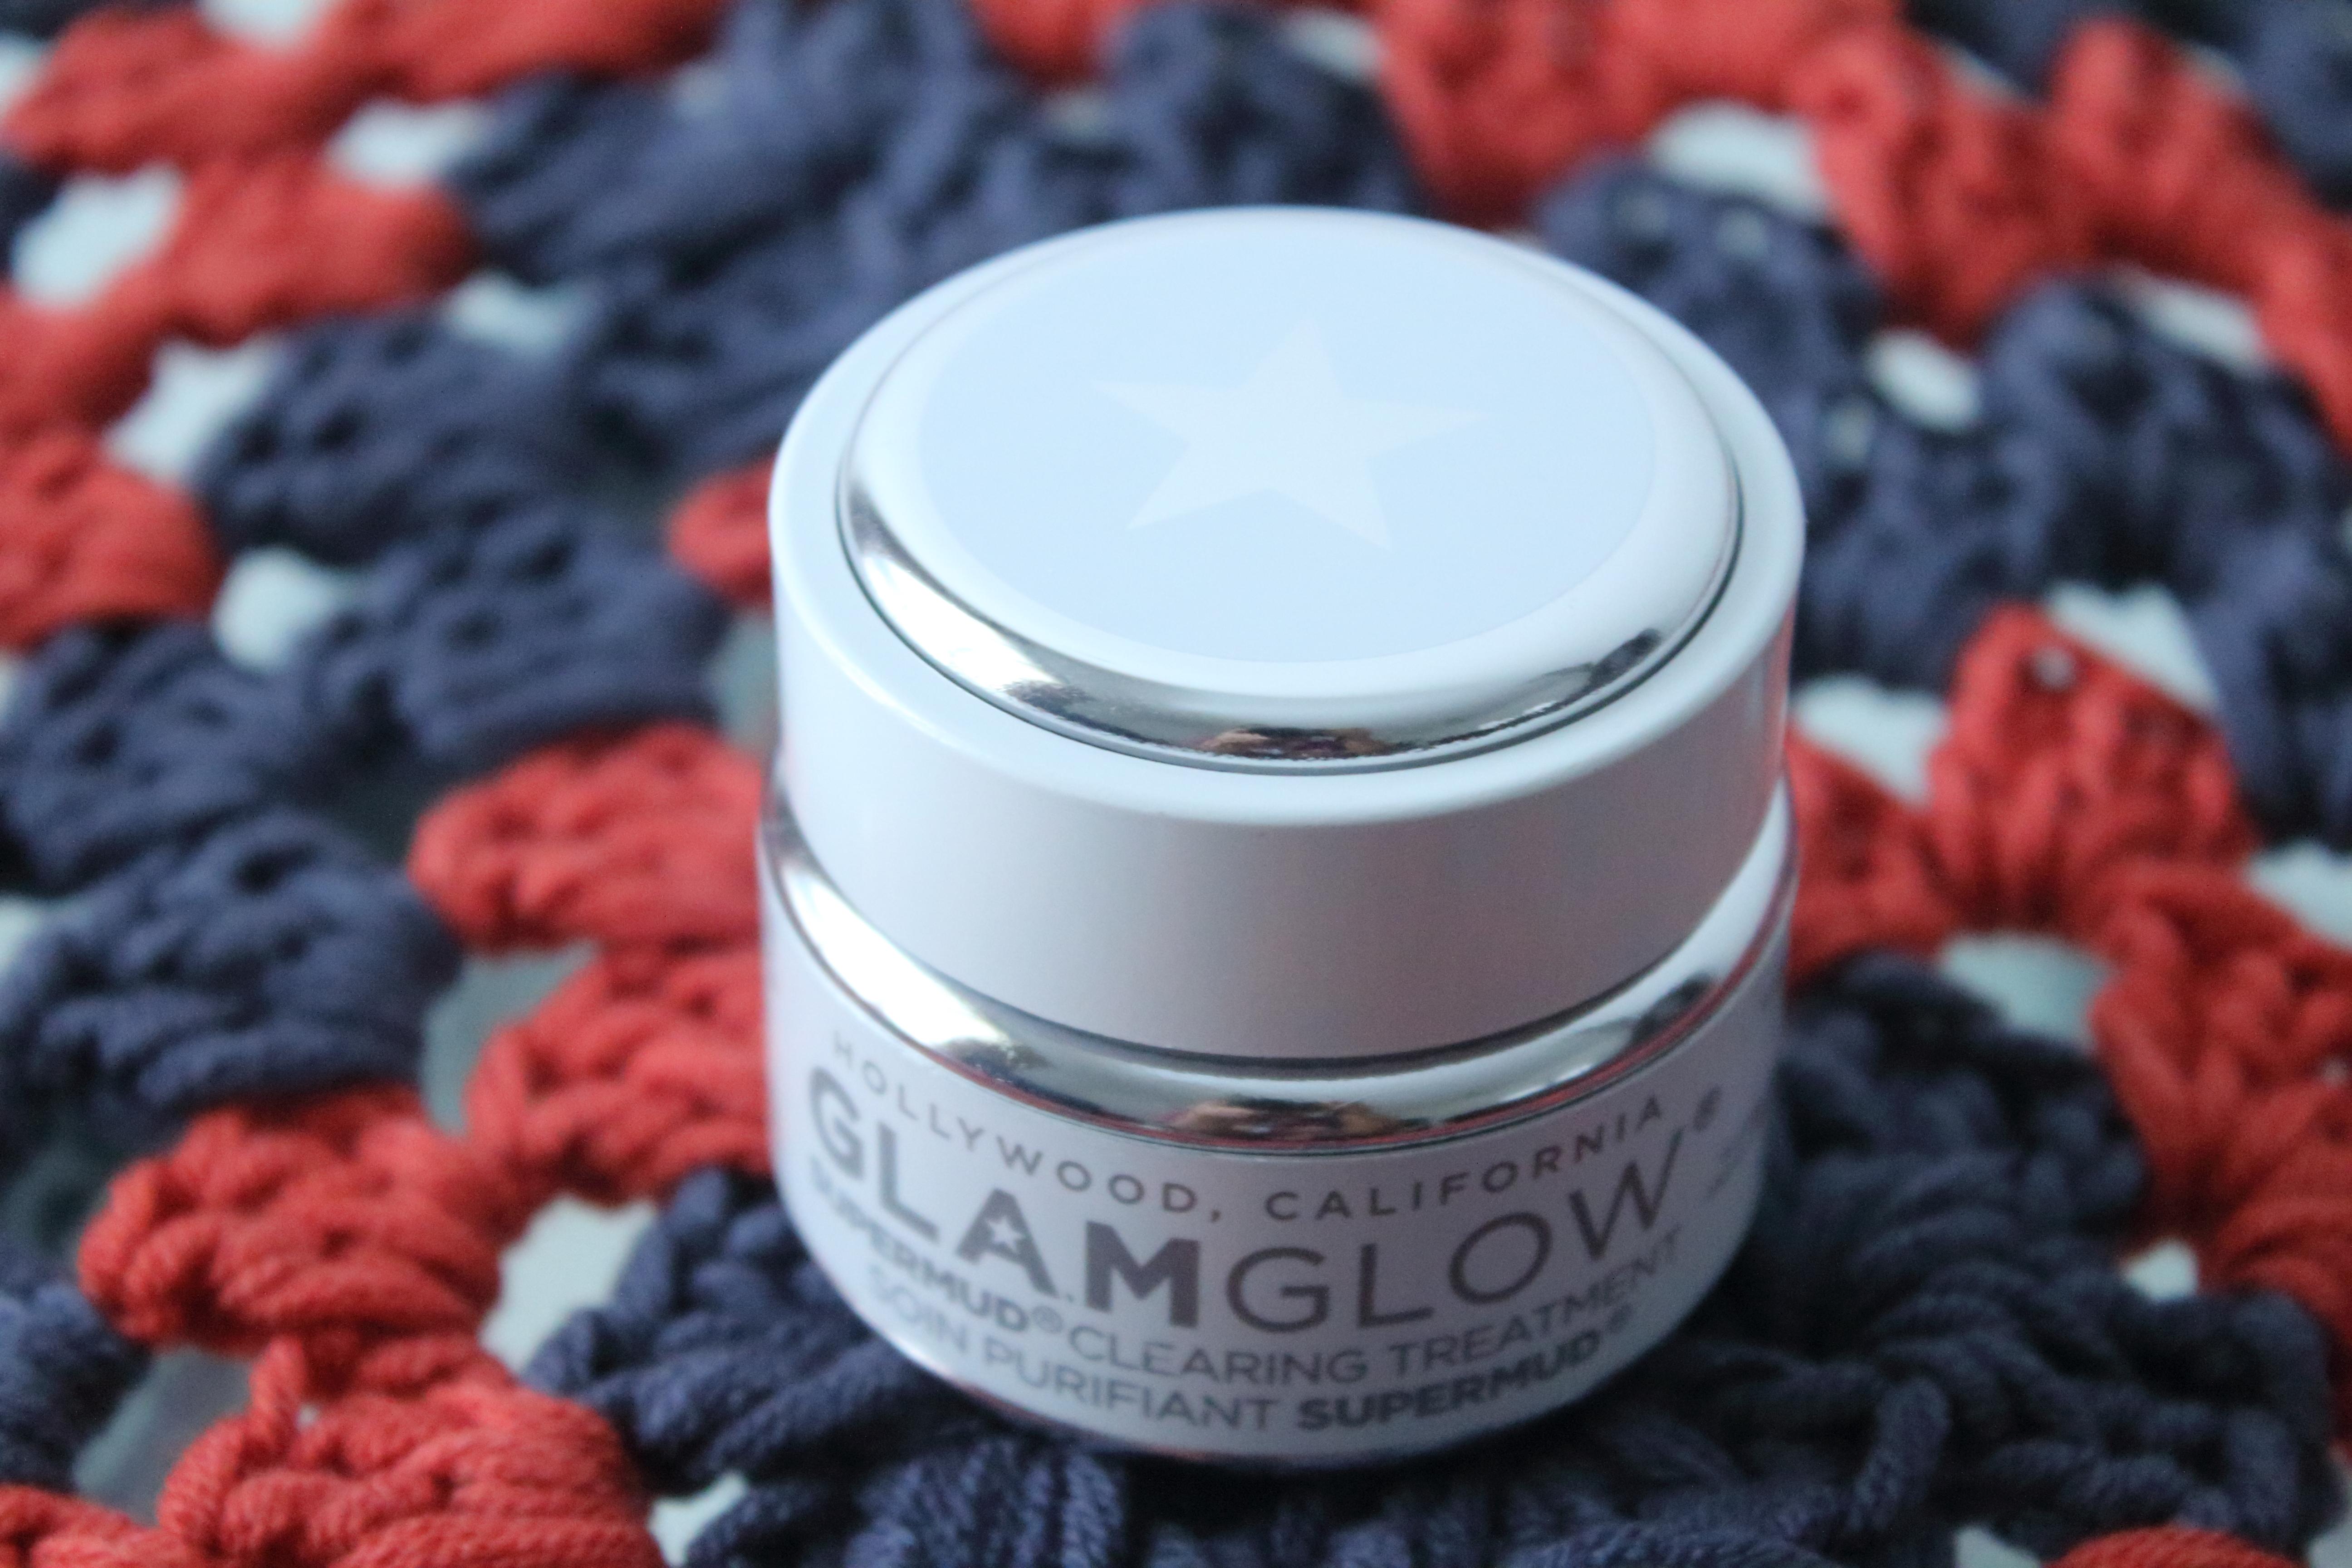 Glamglow Supermud Mask